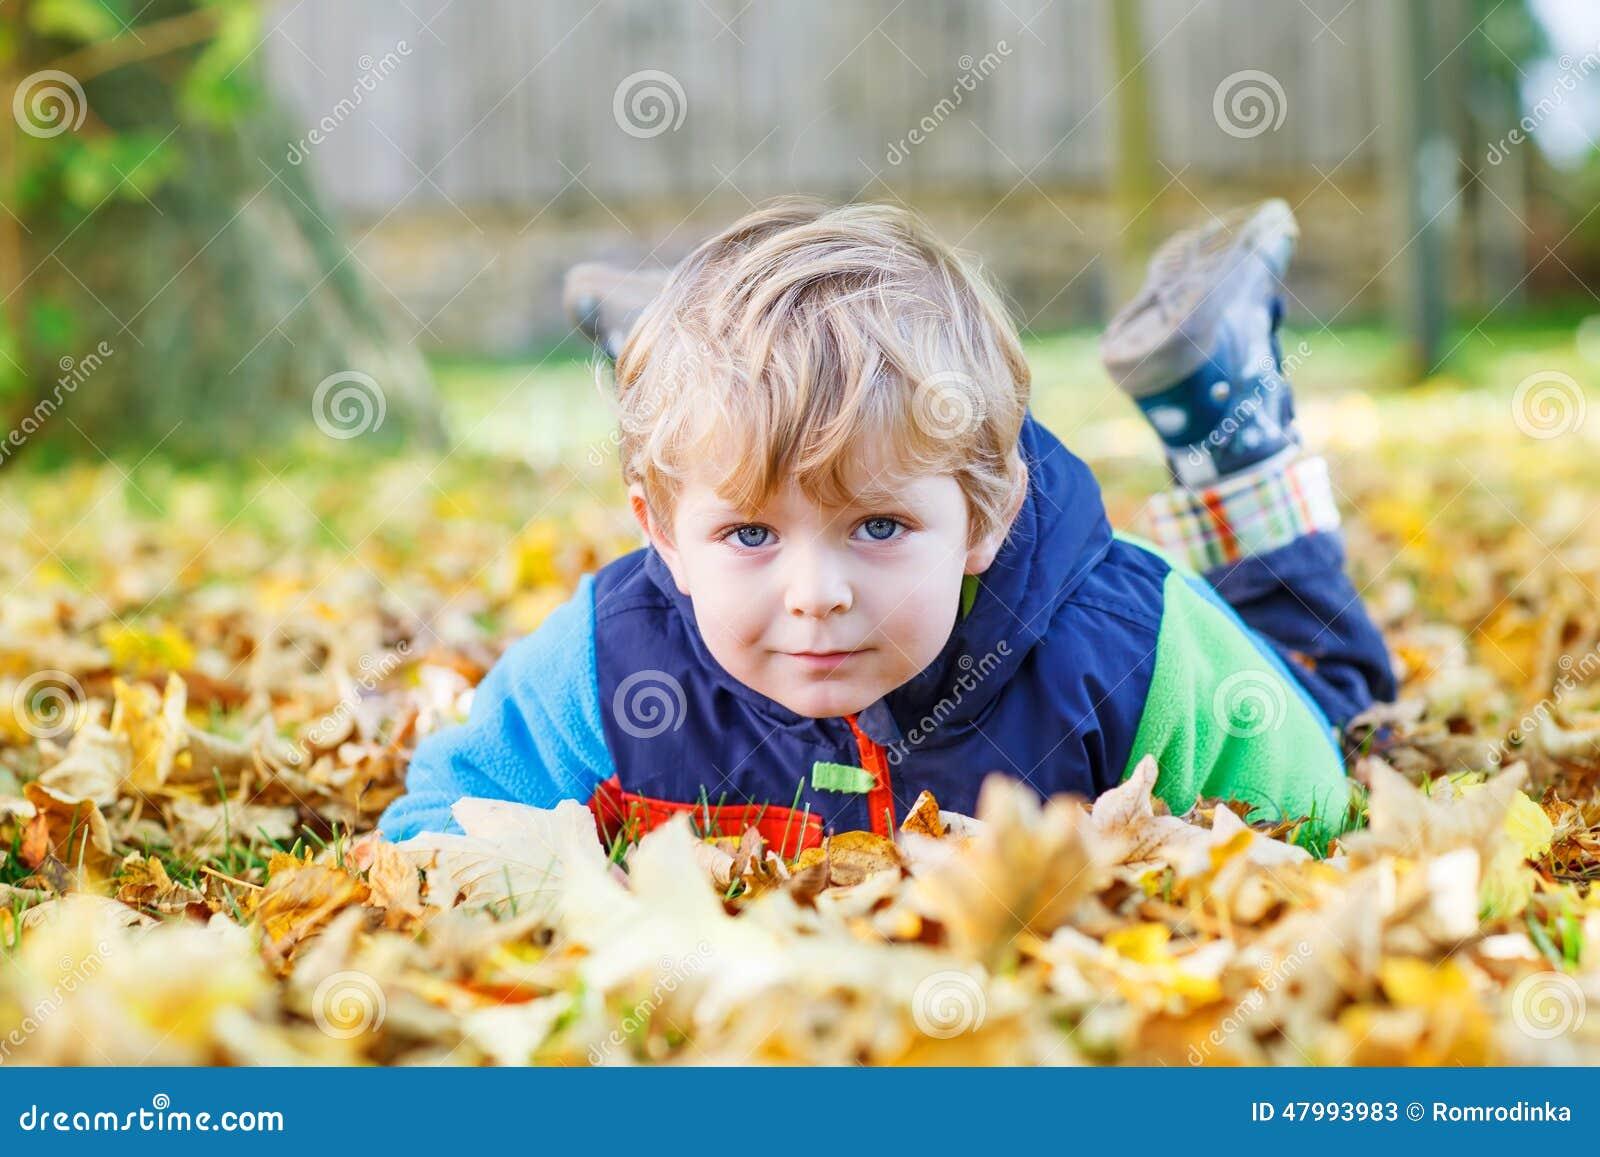 Cute kid boy having fun in autumn park